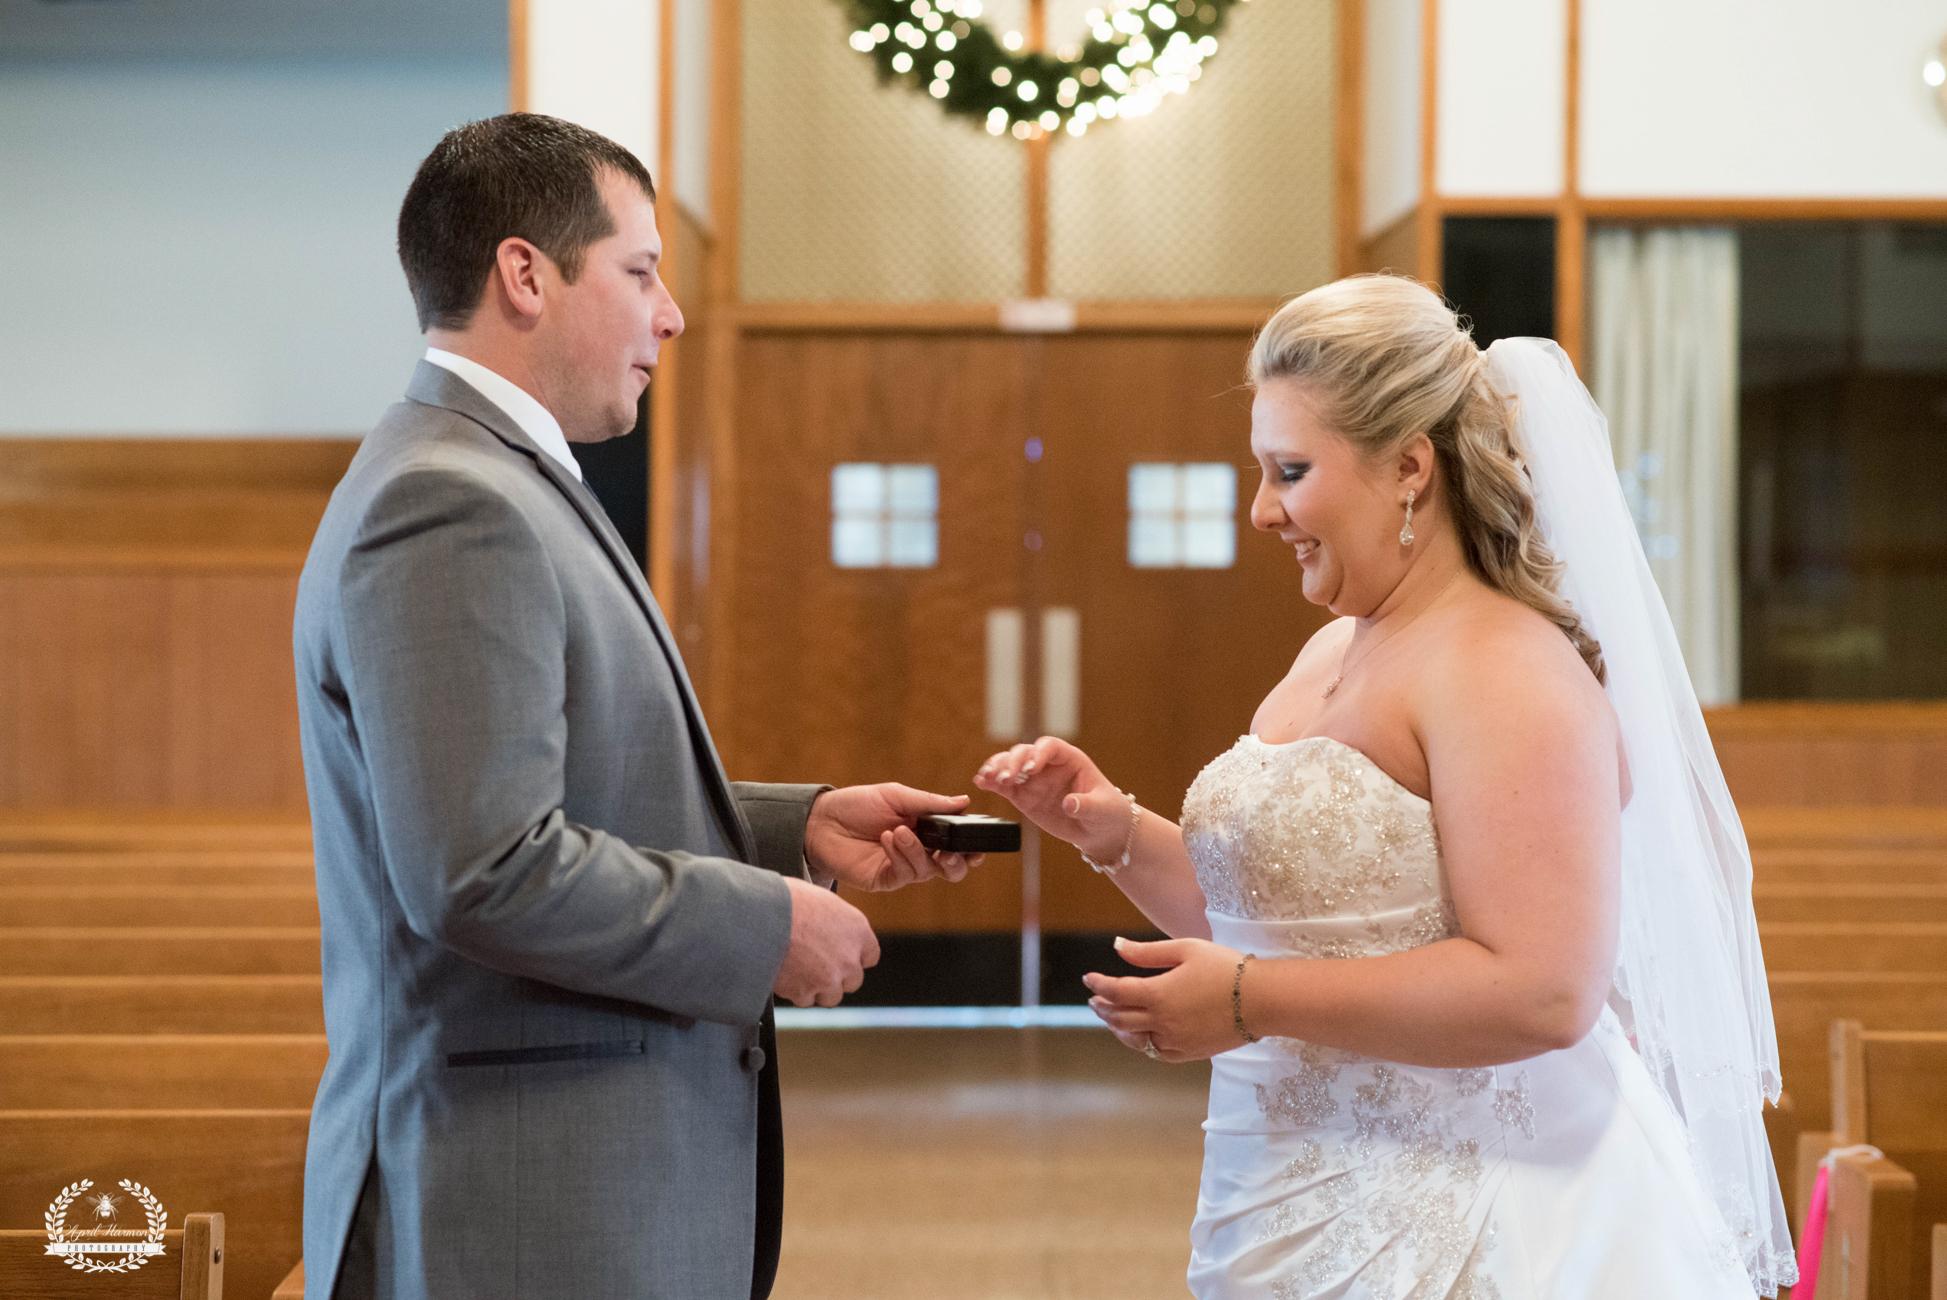 southwest-kansas-wedding-photography7.jpg